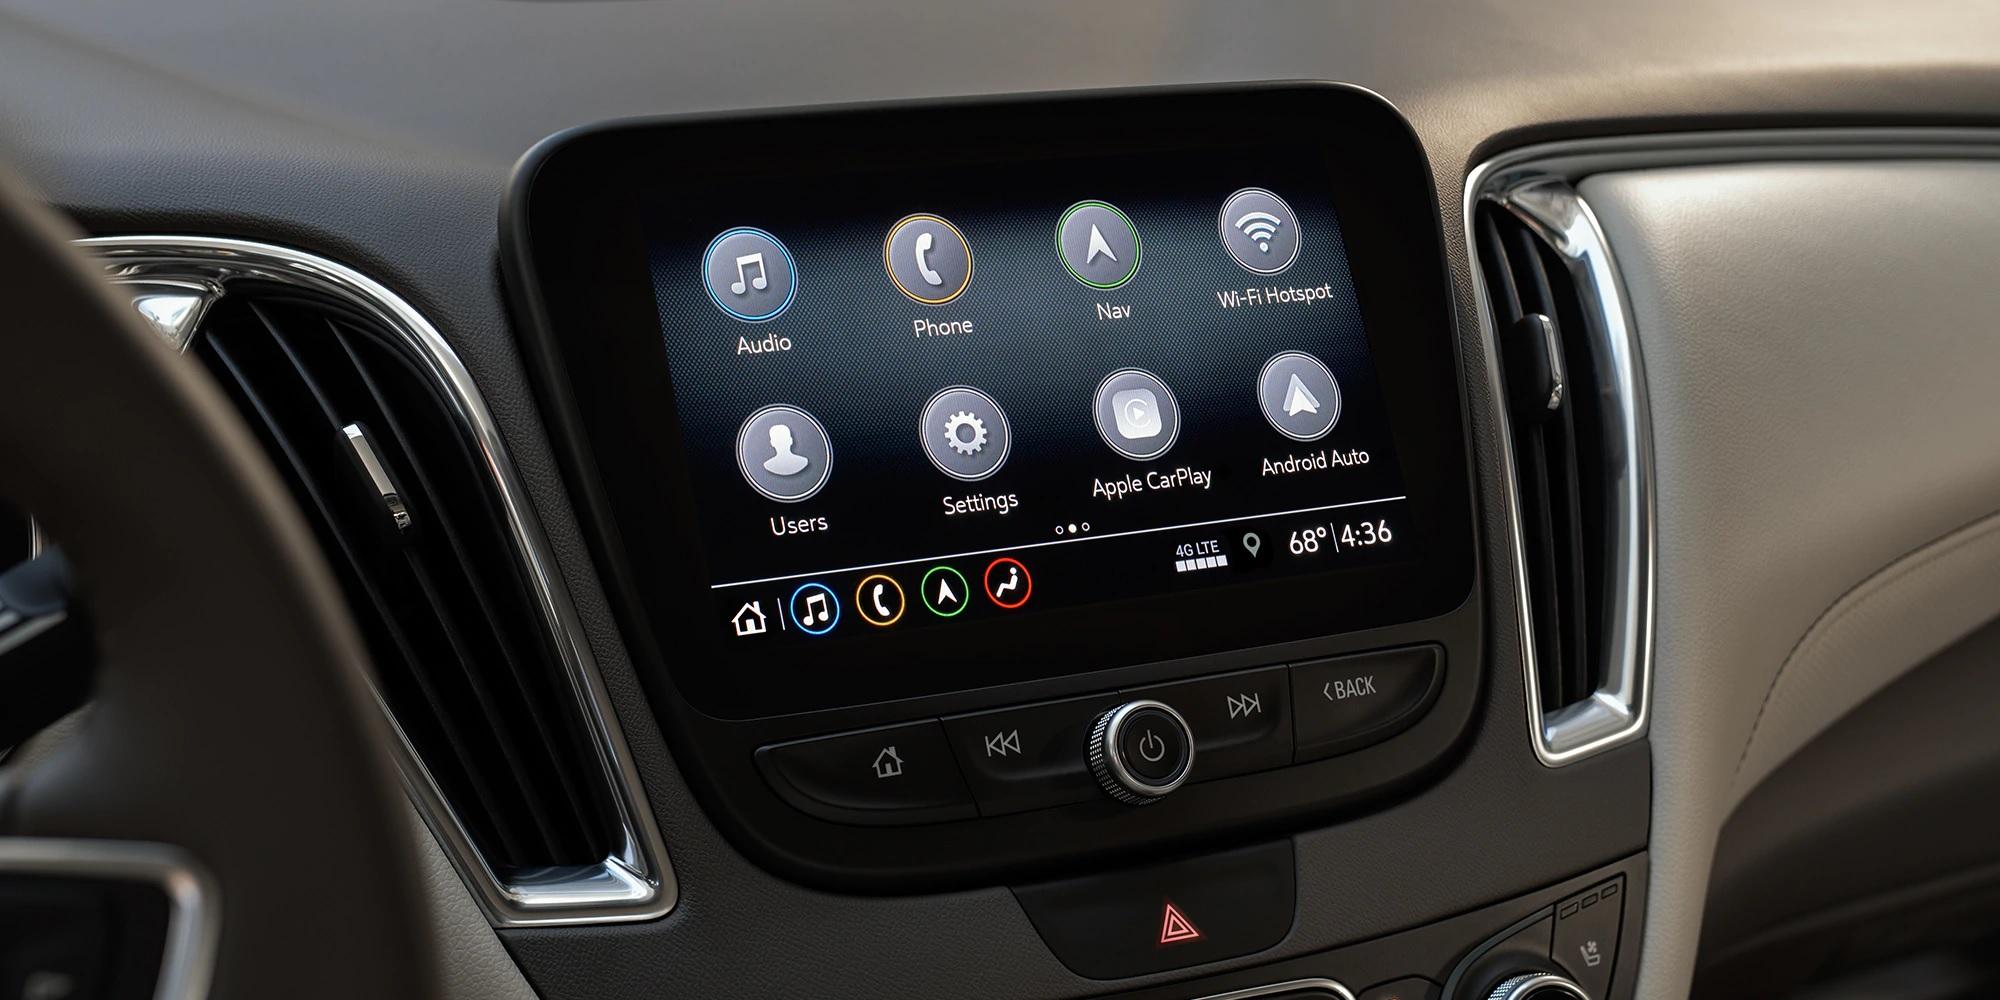 2019 Chevrolet Malibu Center Console